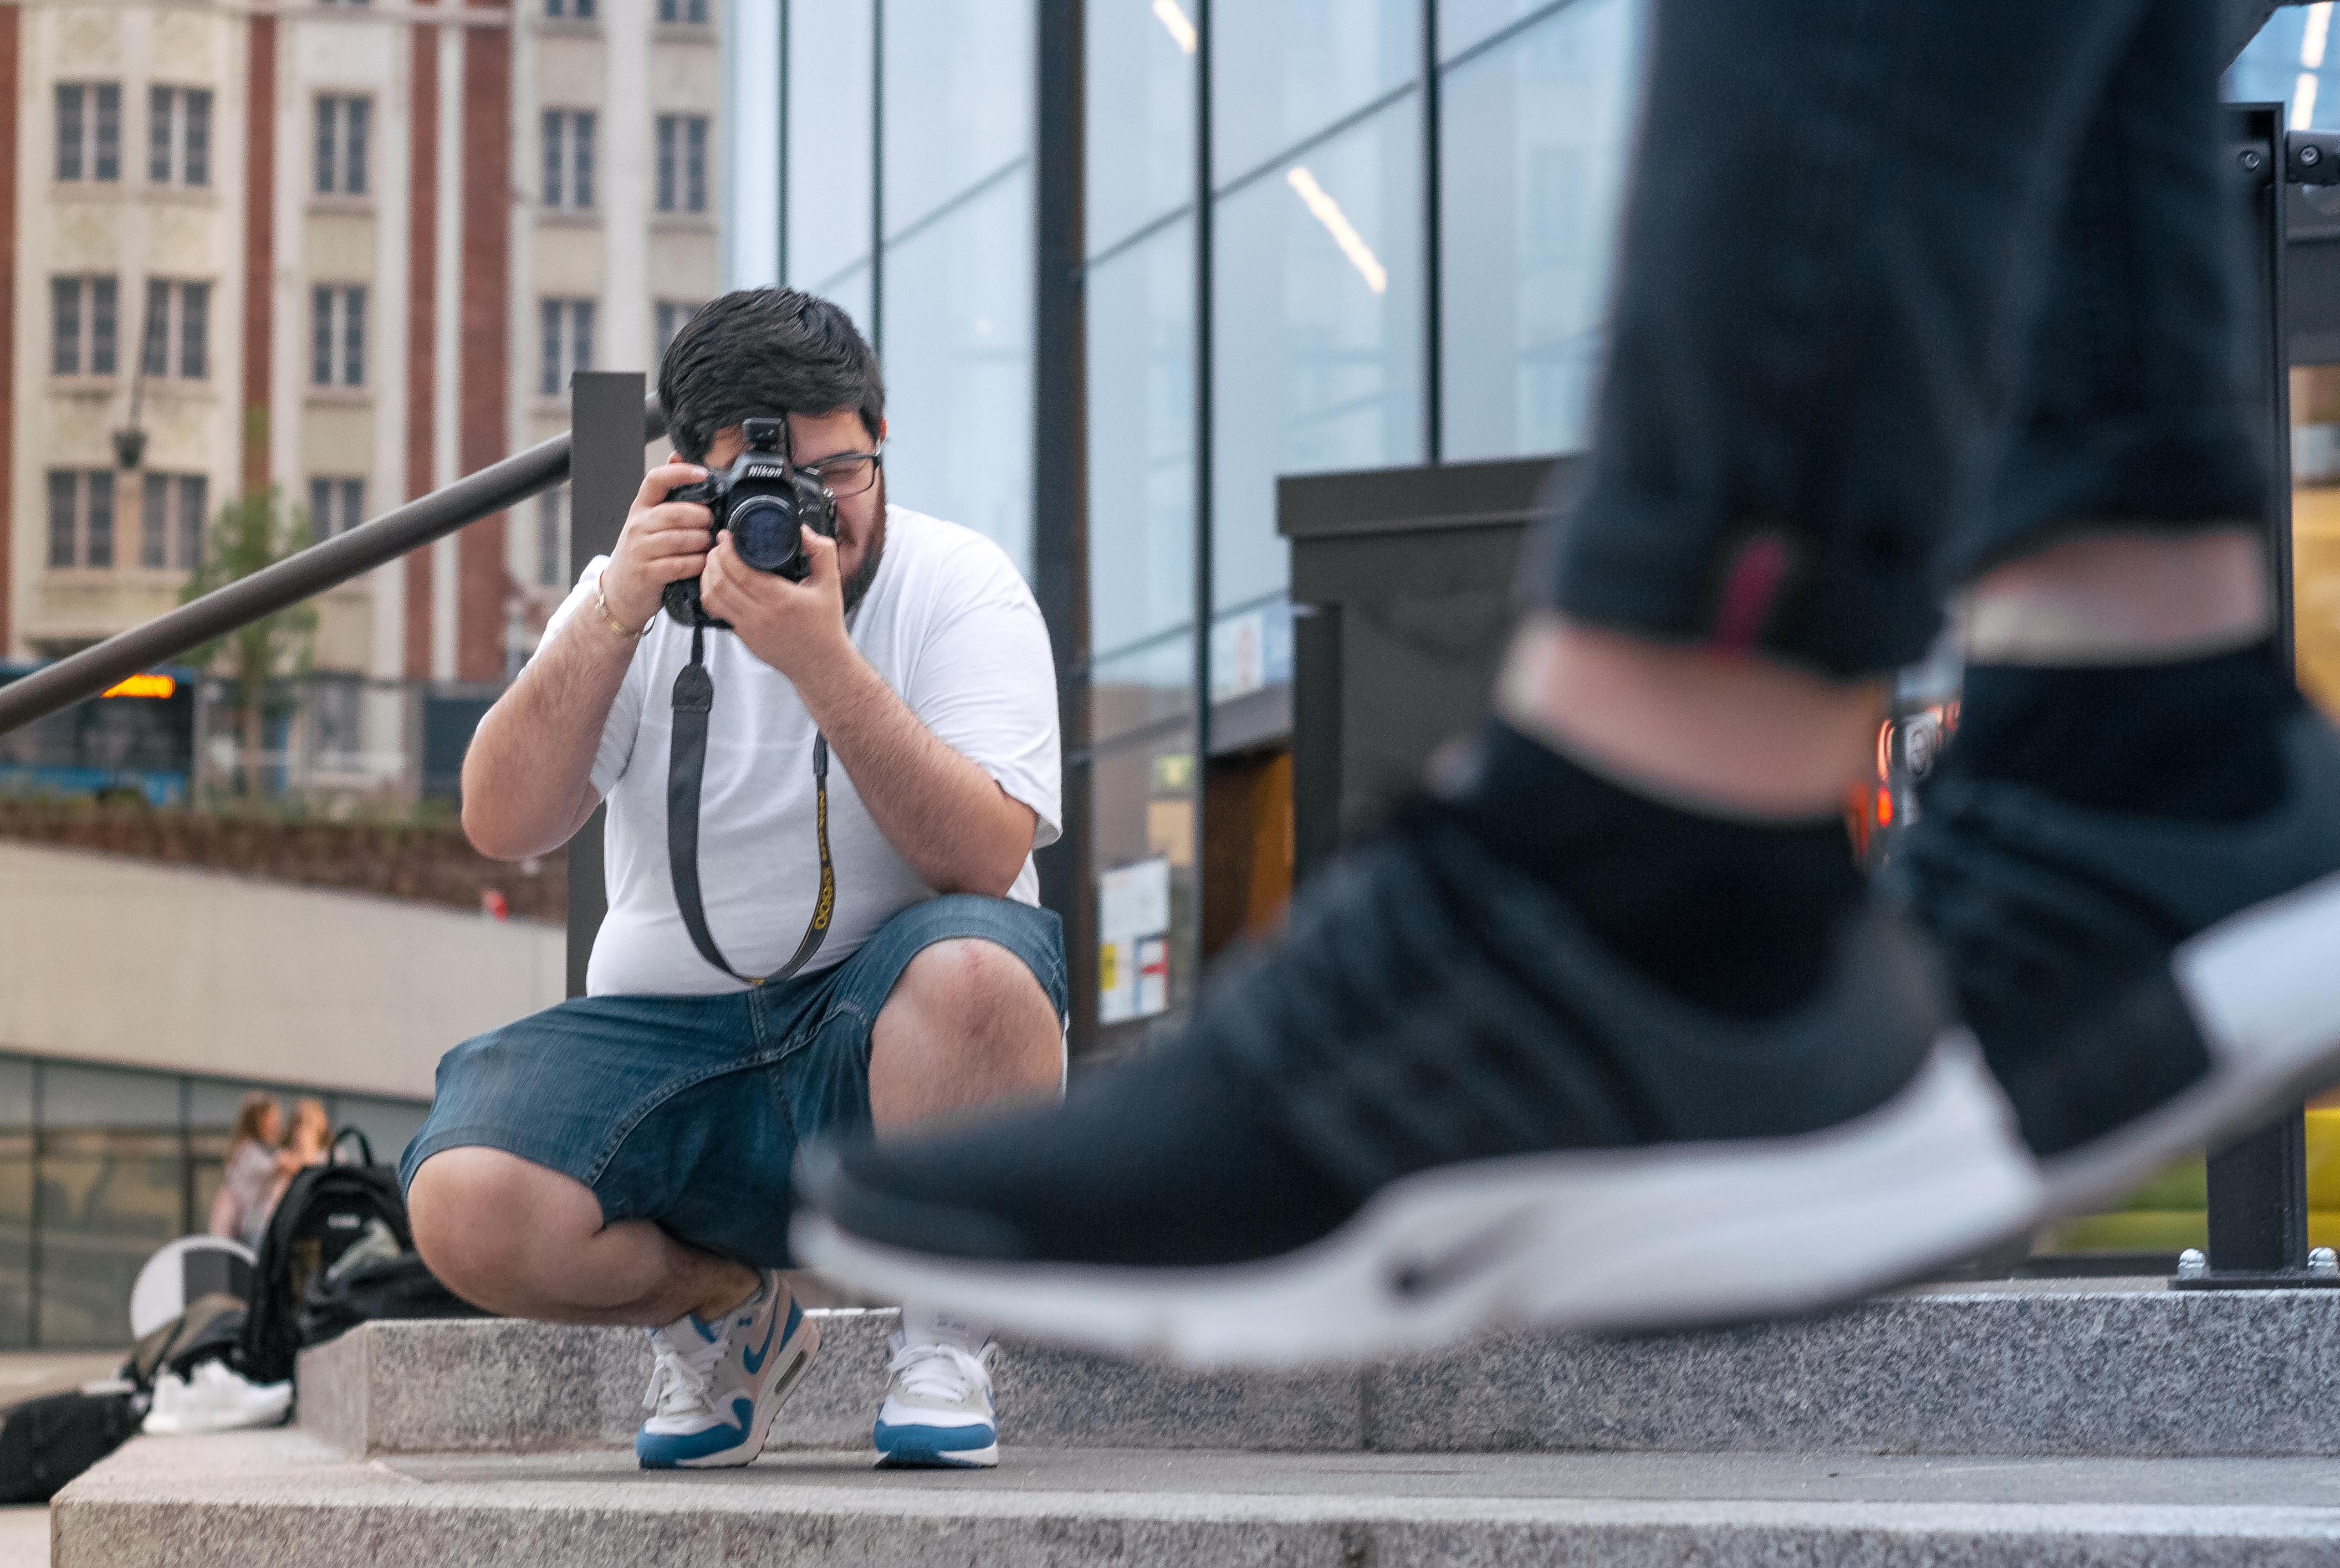 Olvasd el tippjeinket a tökéletes sneaker fotó készítéséhez!